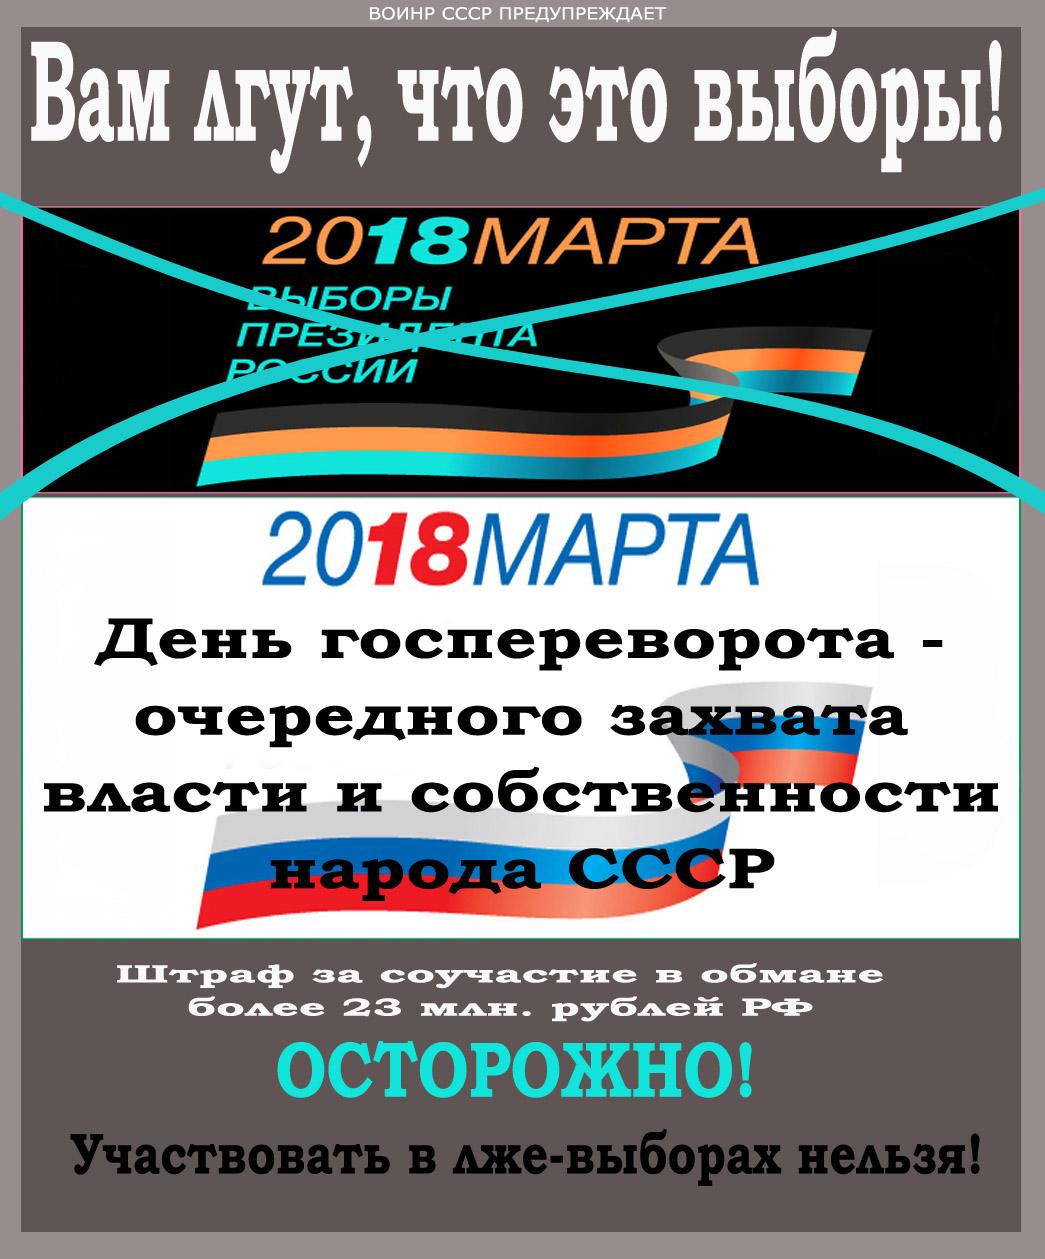 Постановление о незаконности выборов 18.03.2018